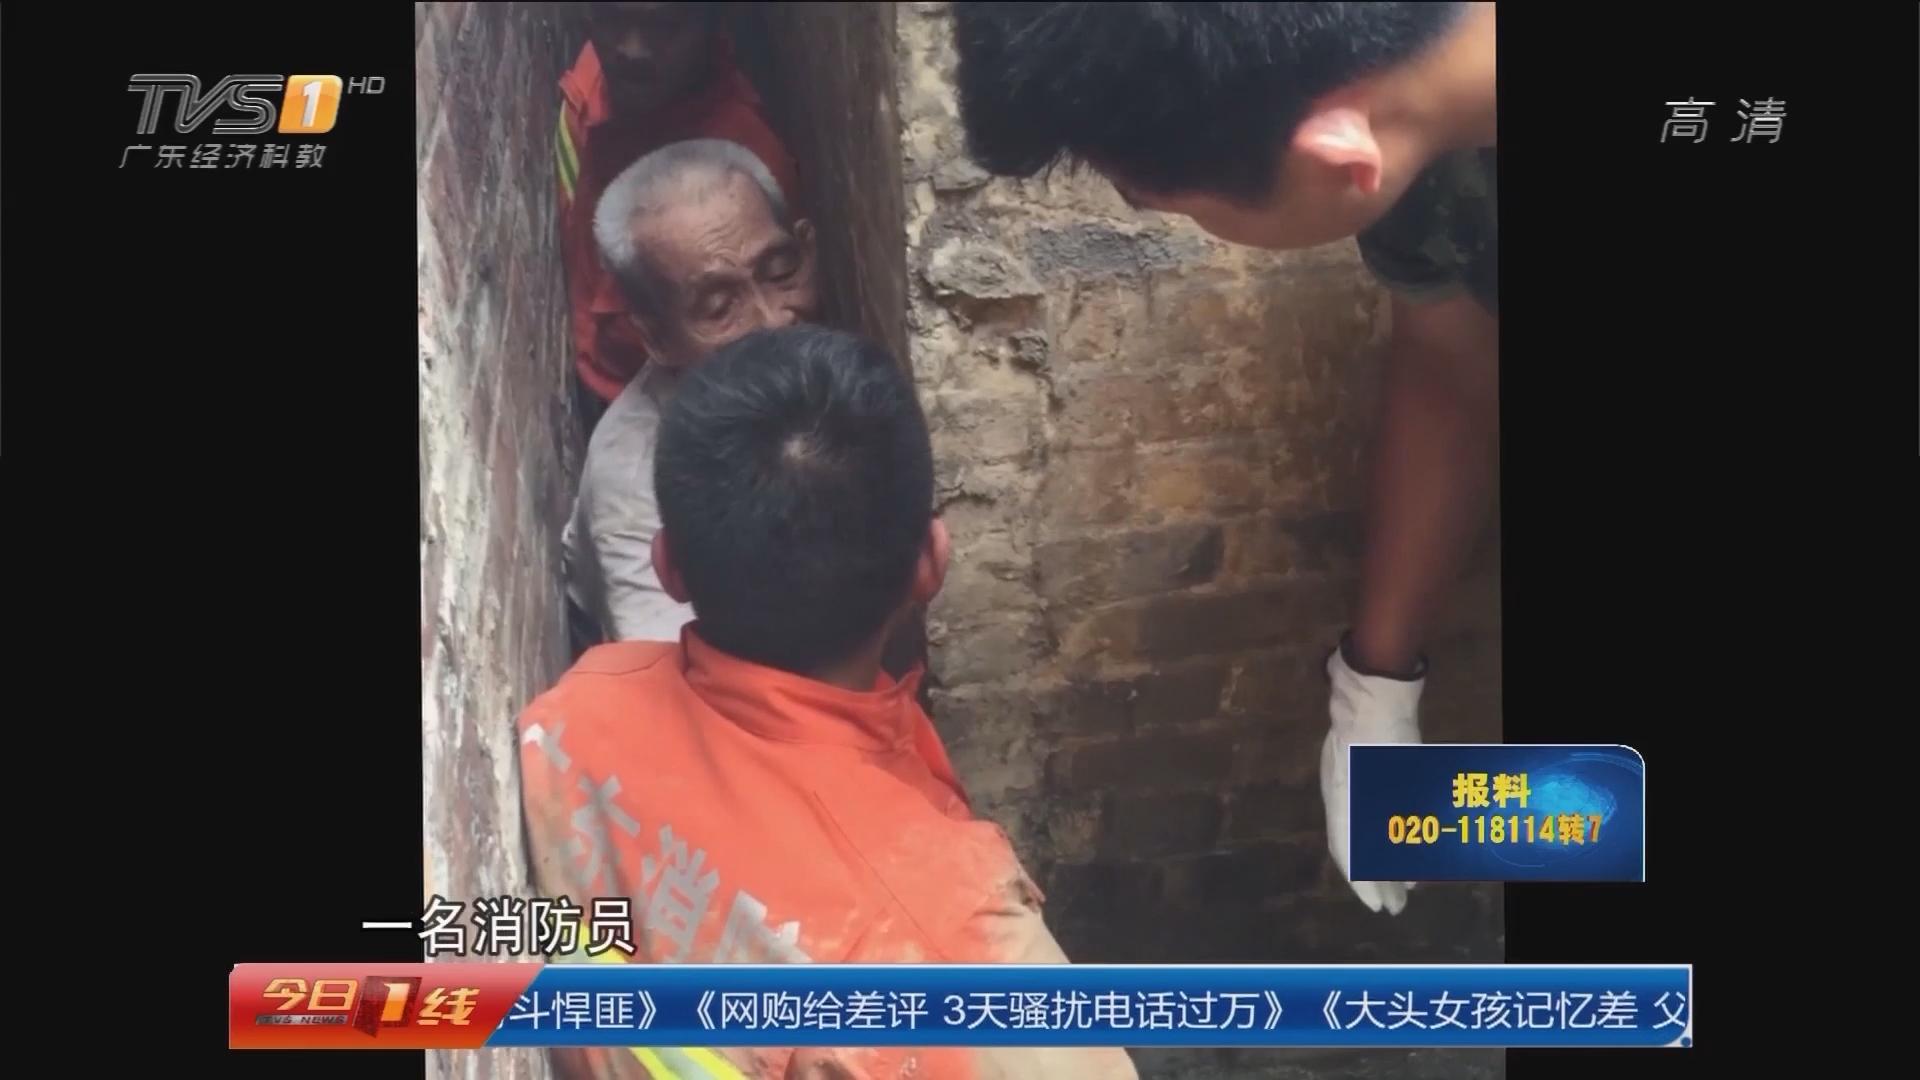 佛山:八旬老人被卡墙缝 消防破墙救人